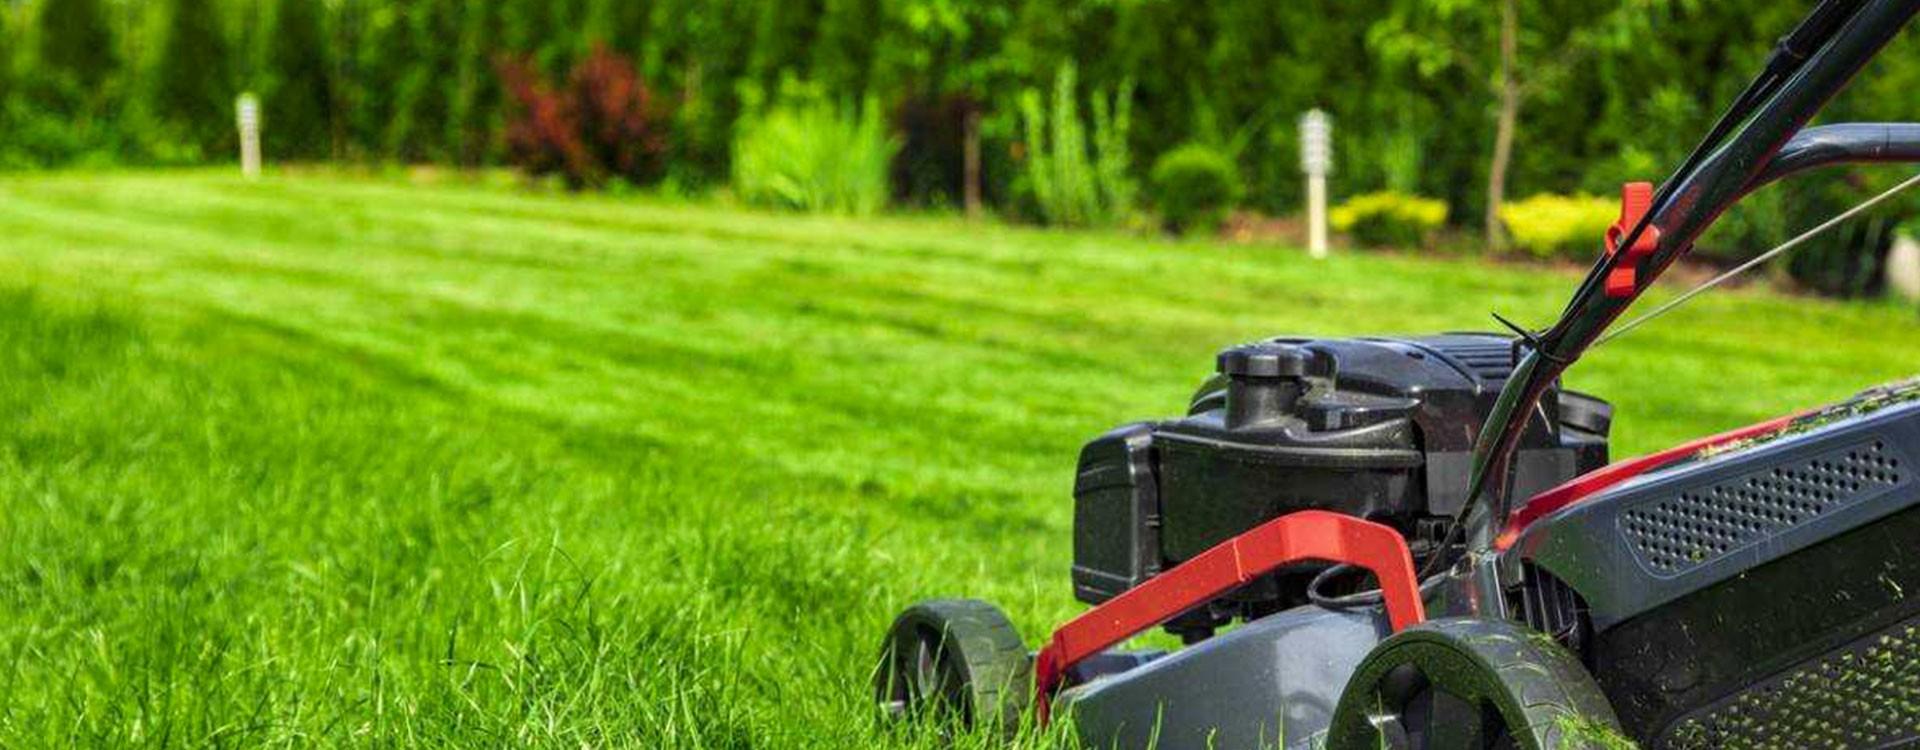 Réviser ou faire réparer votre tondeuse : Jardins Loisirs vous accompagne